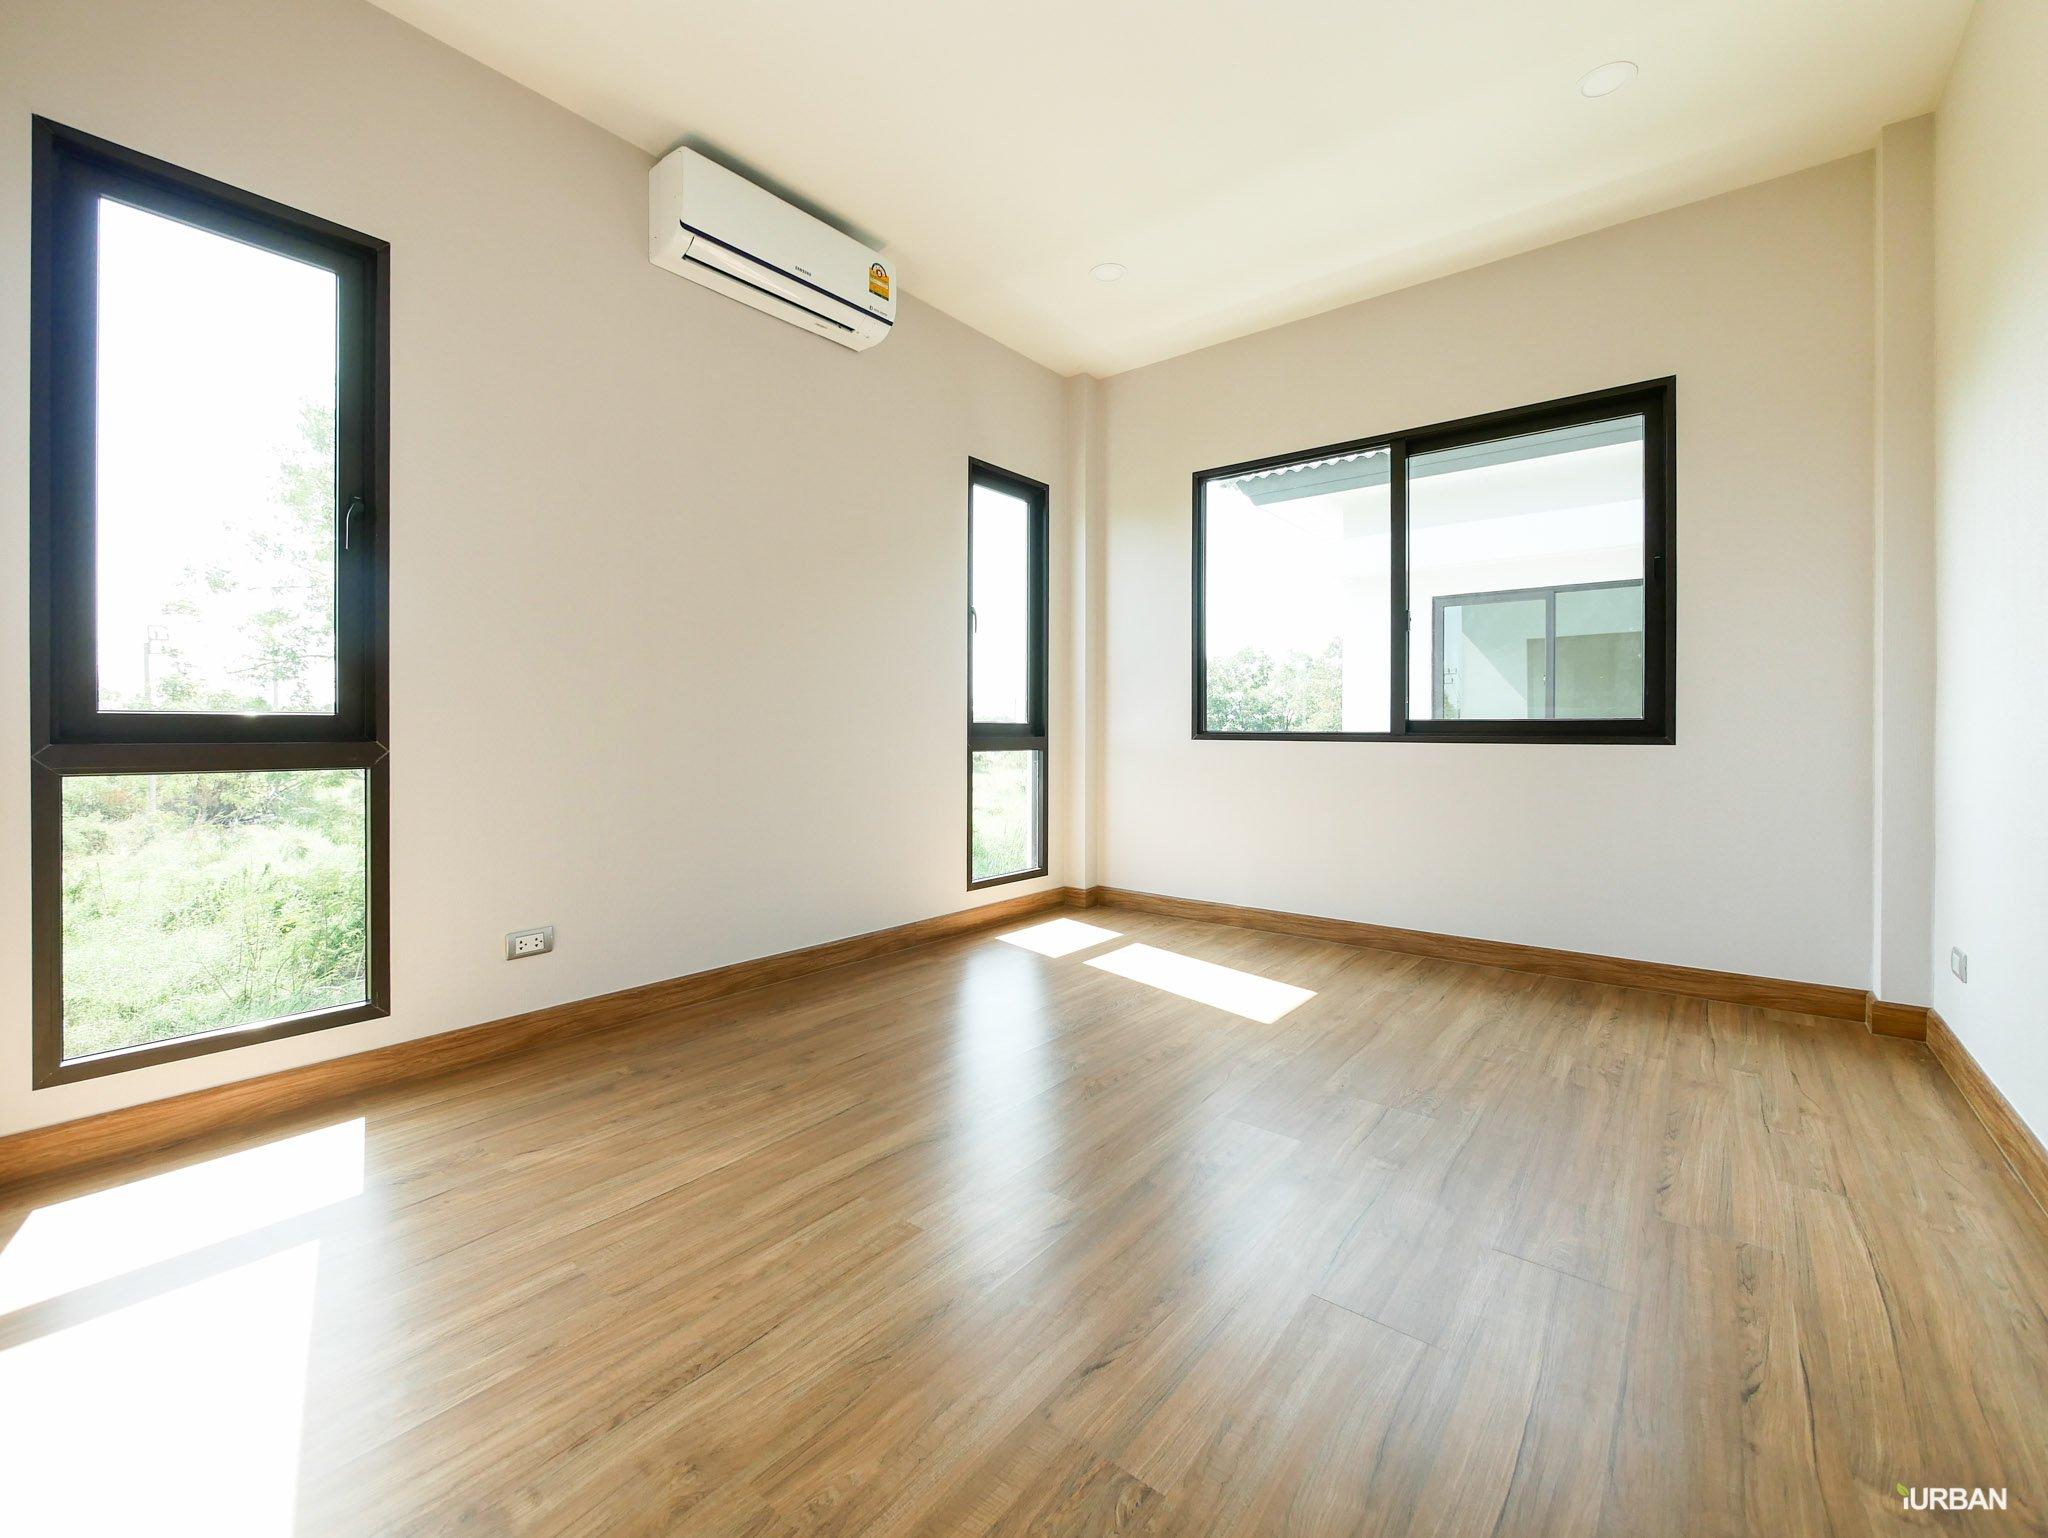 รีวิว CENTRO รามอินทรา-จตุโชติ บ้านเดี่ยวหลังใหญ่ 4 ห้องนอน บนวงแหวน ระดับคุณภาพจากเอพี 108 - AP (Thailand) - เอพี (ไทยแลนด์)